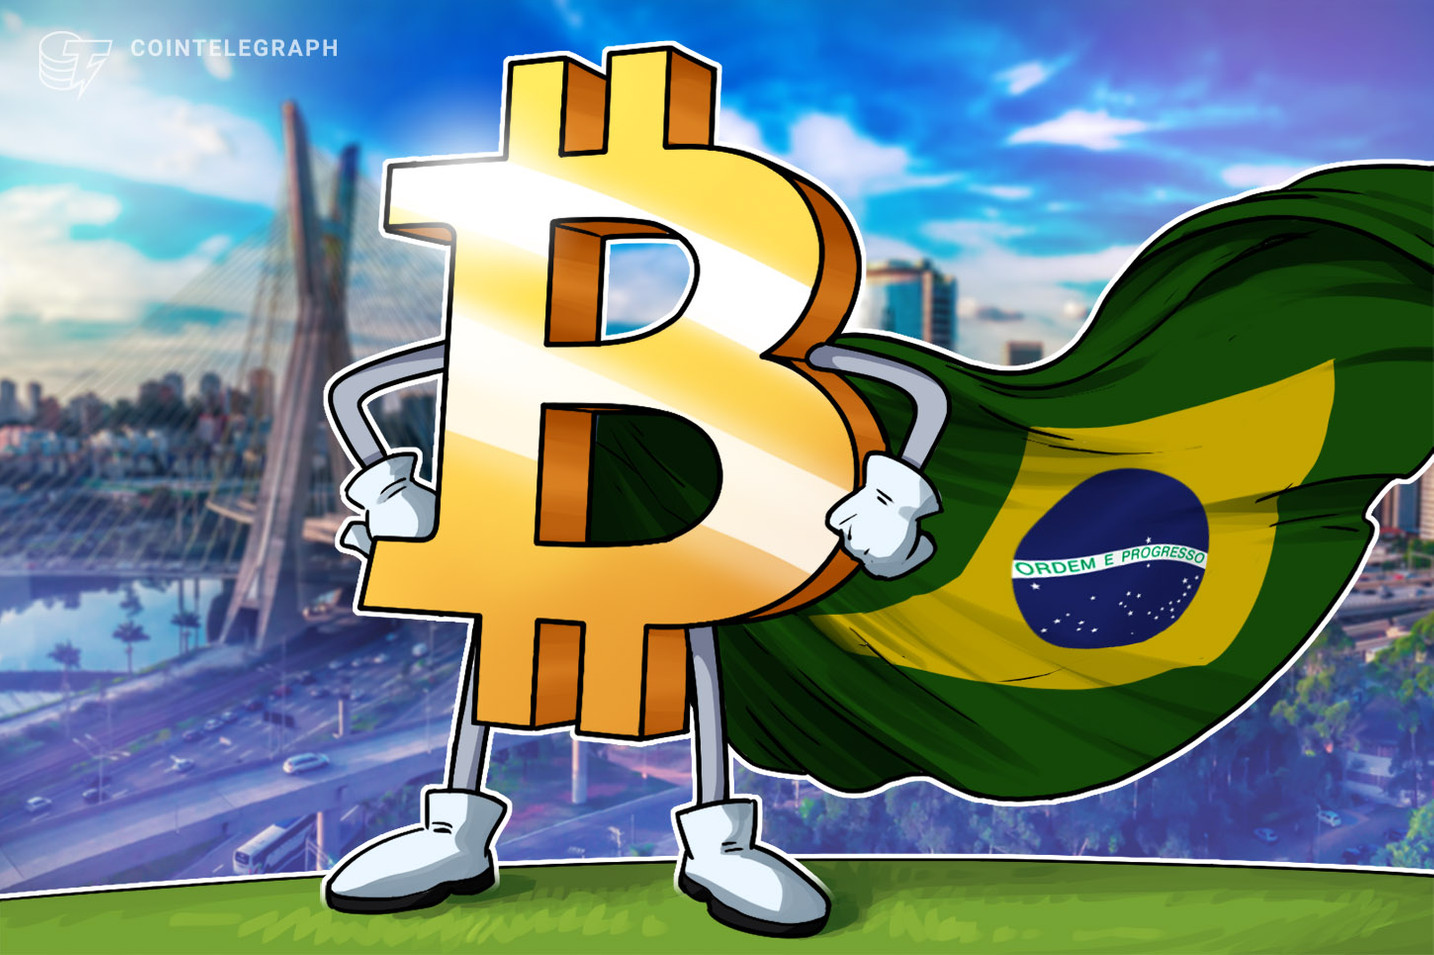 Il Brasile potrebbe divenire una nuova 'fonte di domanda' per BTC